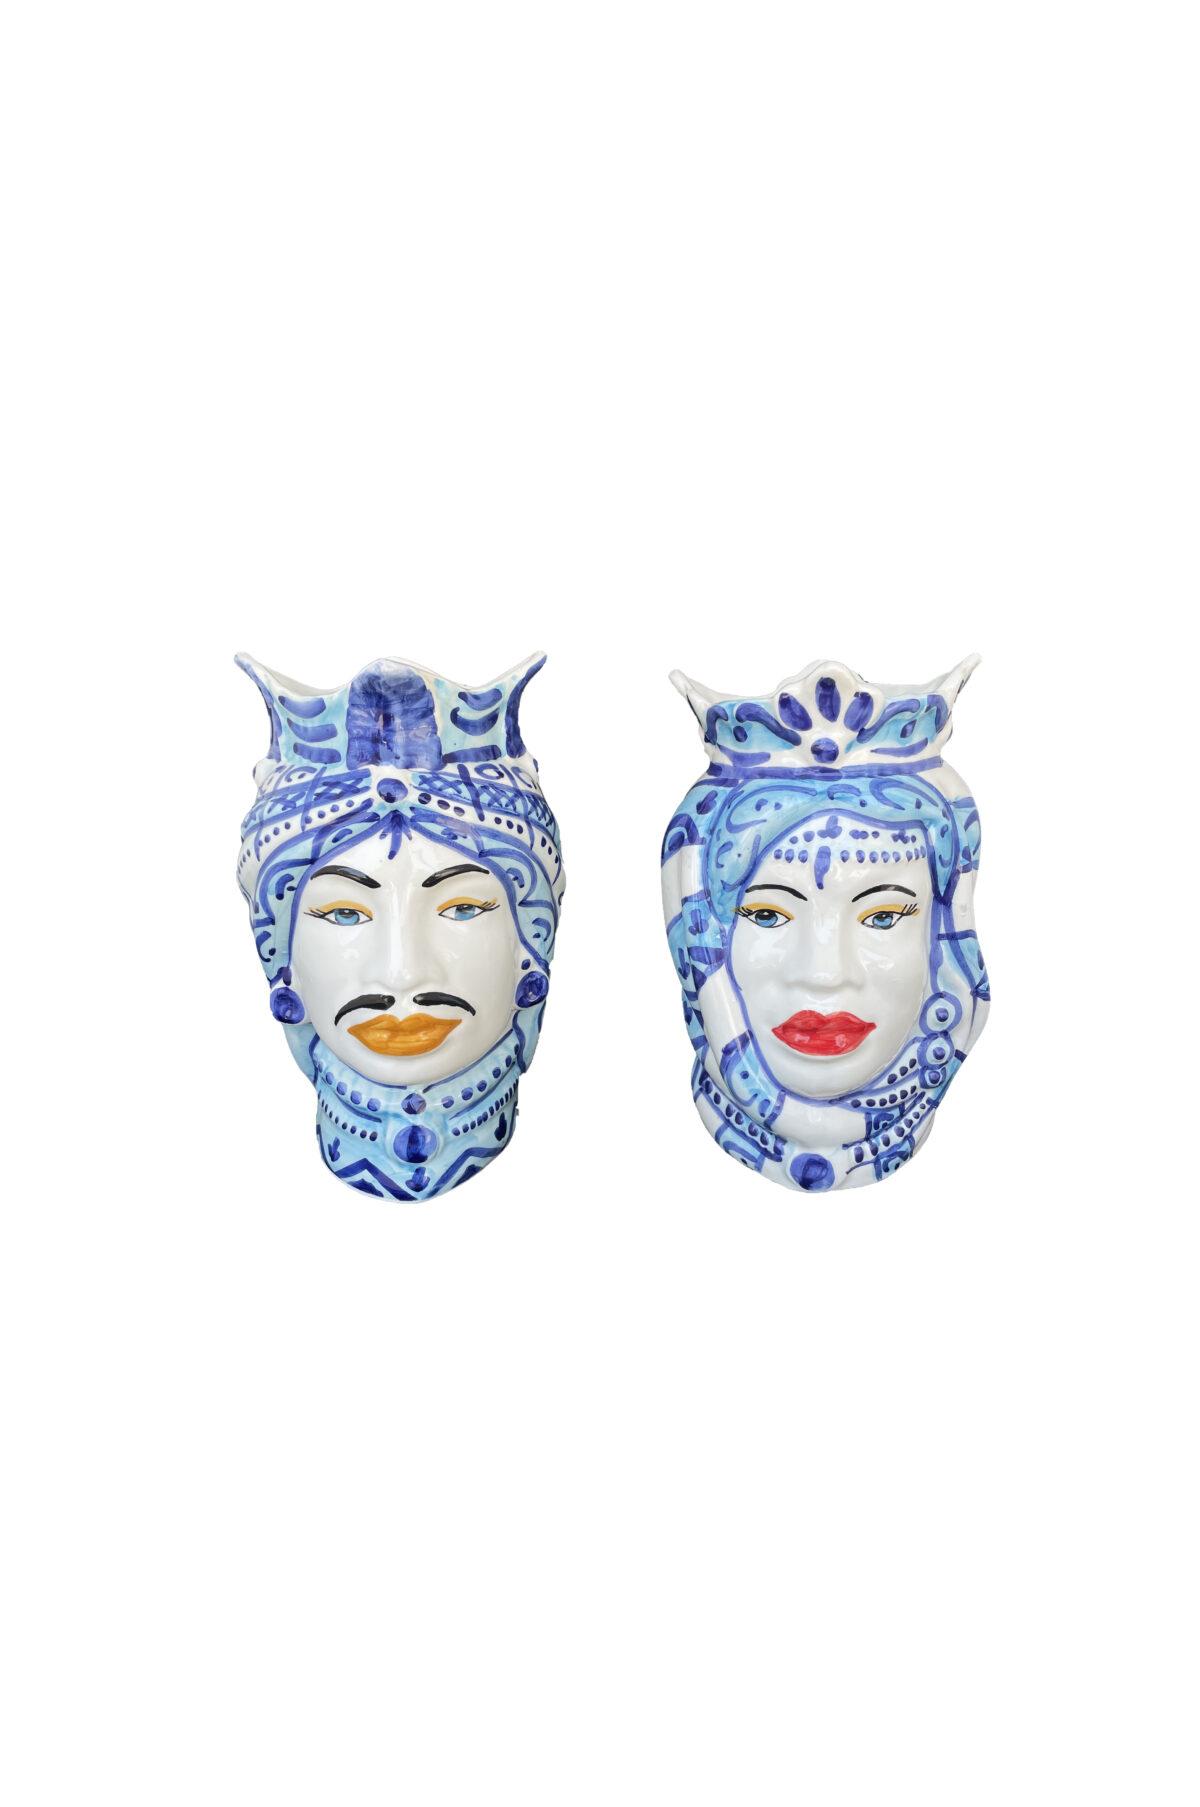 Set 2 Vasi Testa di Moro donna e uomo in ceramica sui toni del blu h. 25 cm